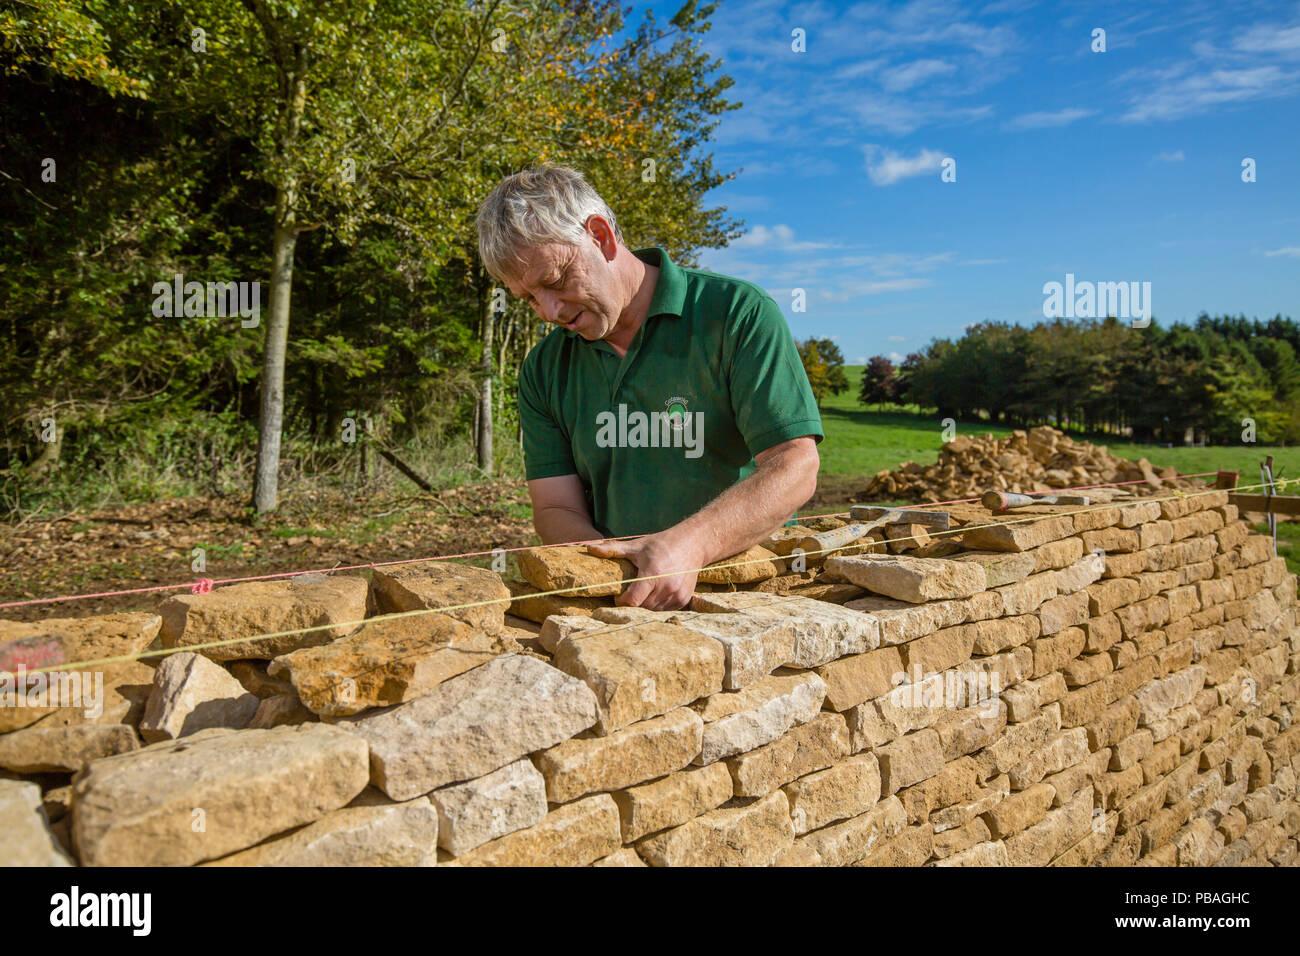 Tradicionales de piedra seca waller trabaja con la construcción de un muro de piedra caliza Cotswolds, Guiting Potencia, Gloucestershire, Reino Unido. De octubre de 2015. Imagen De Stock